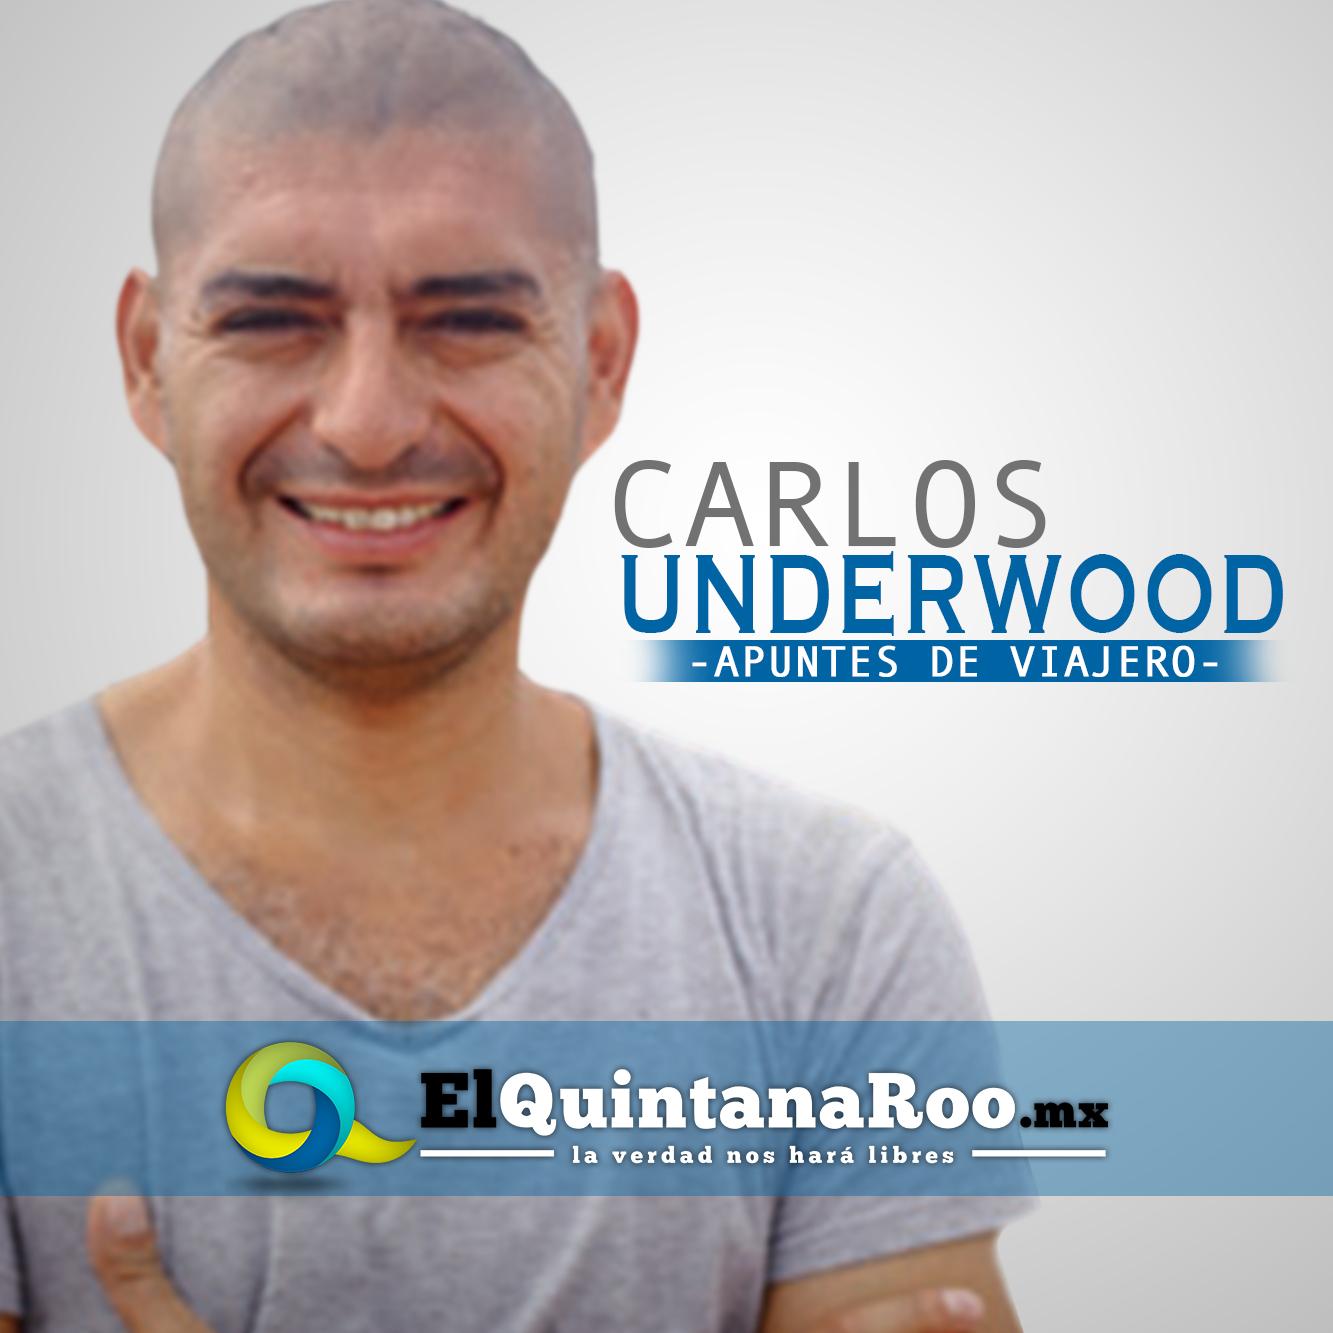 CARLOS UNDERWOOD